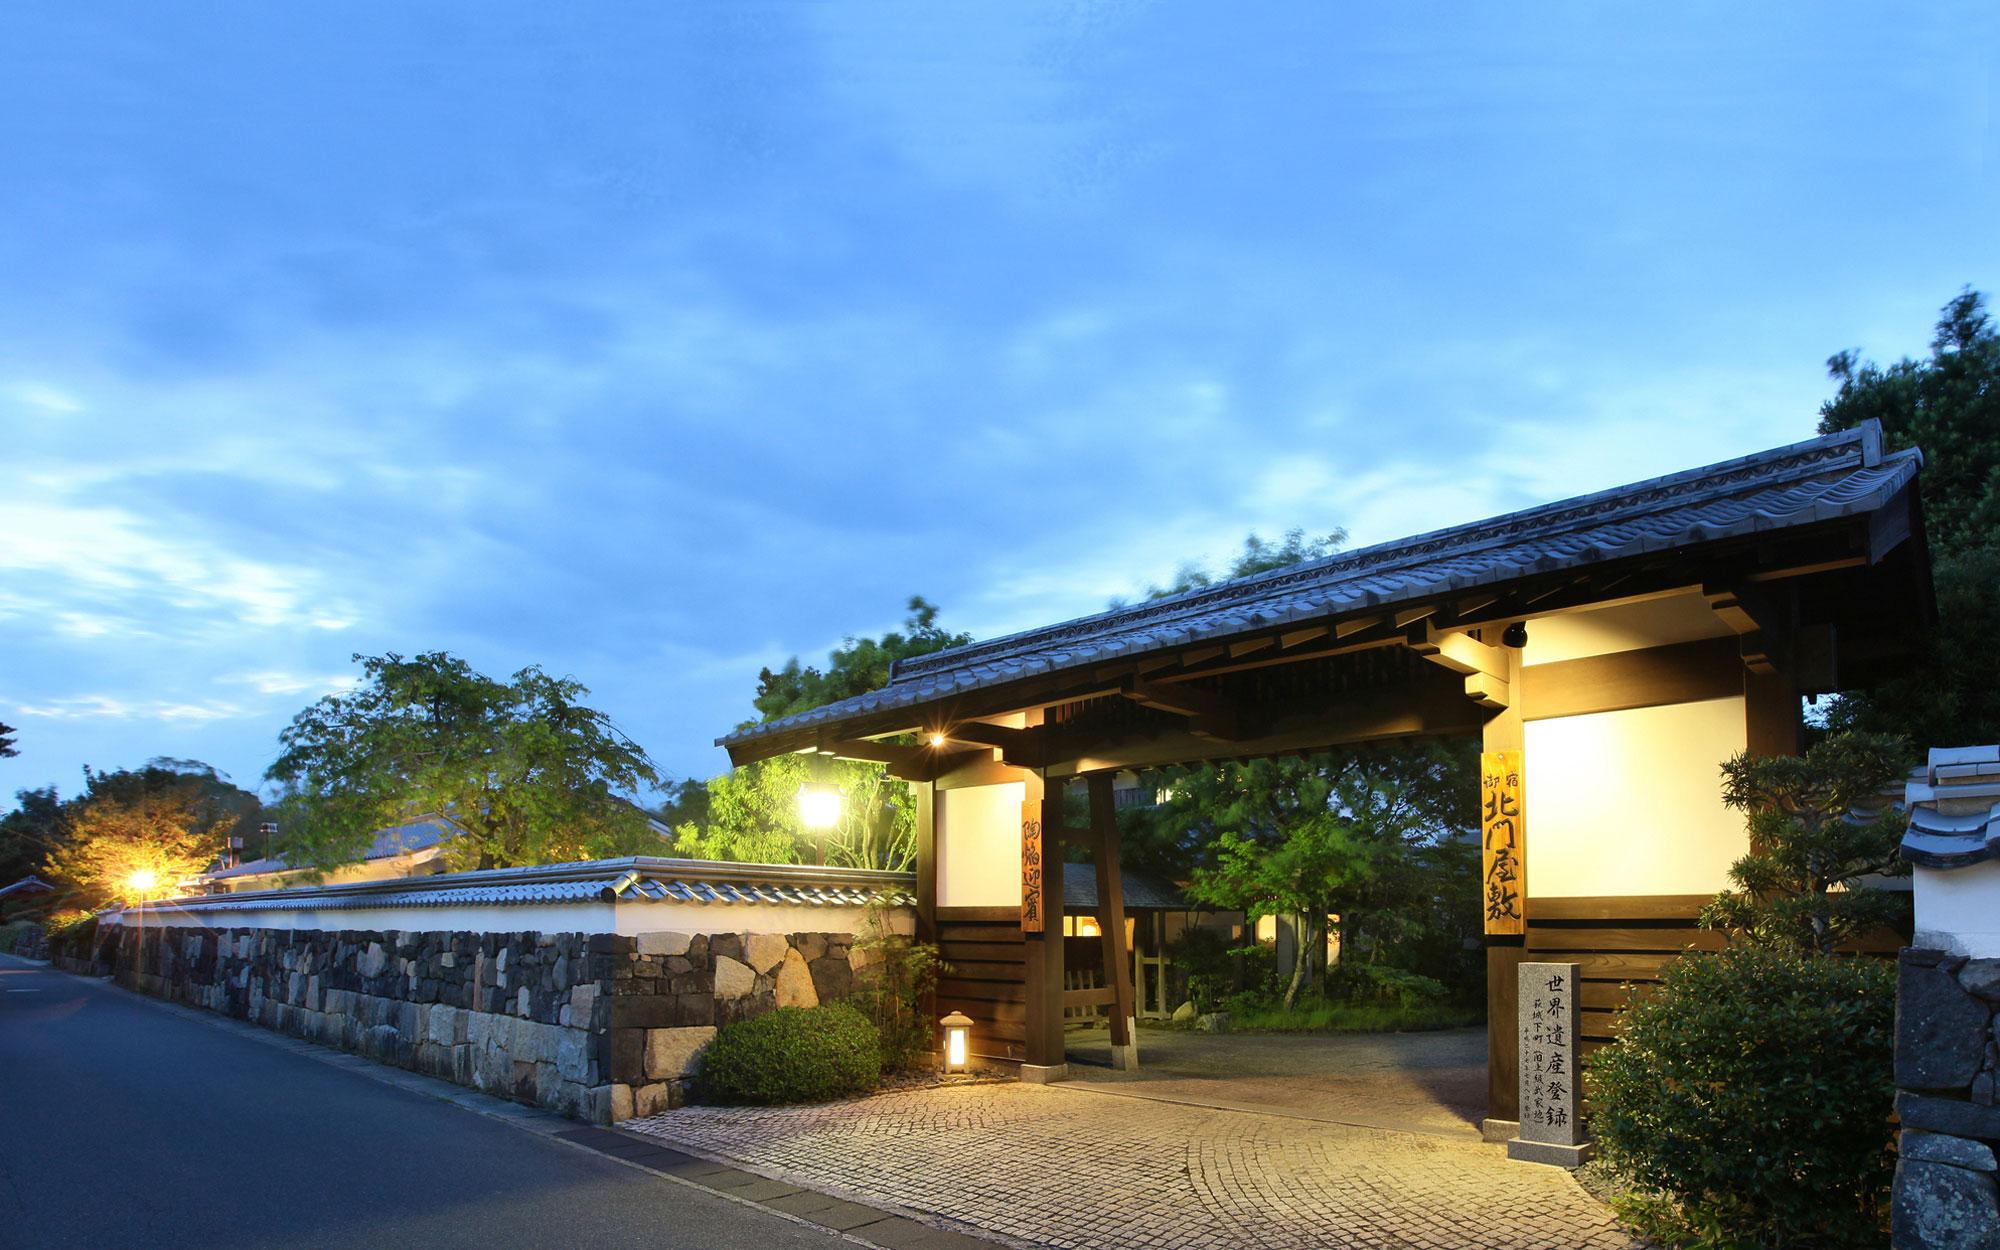 7月 表門夜景 - 山口県 萩市|世界遺産[萩城下町]唯一の旅館 萩城三の丸 北門屋敷